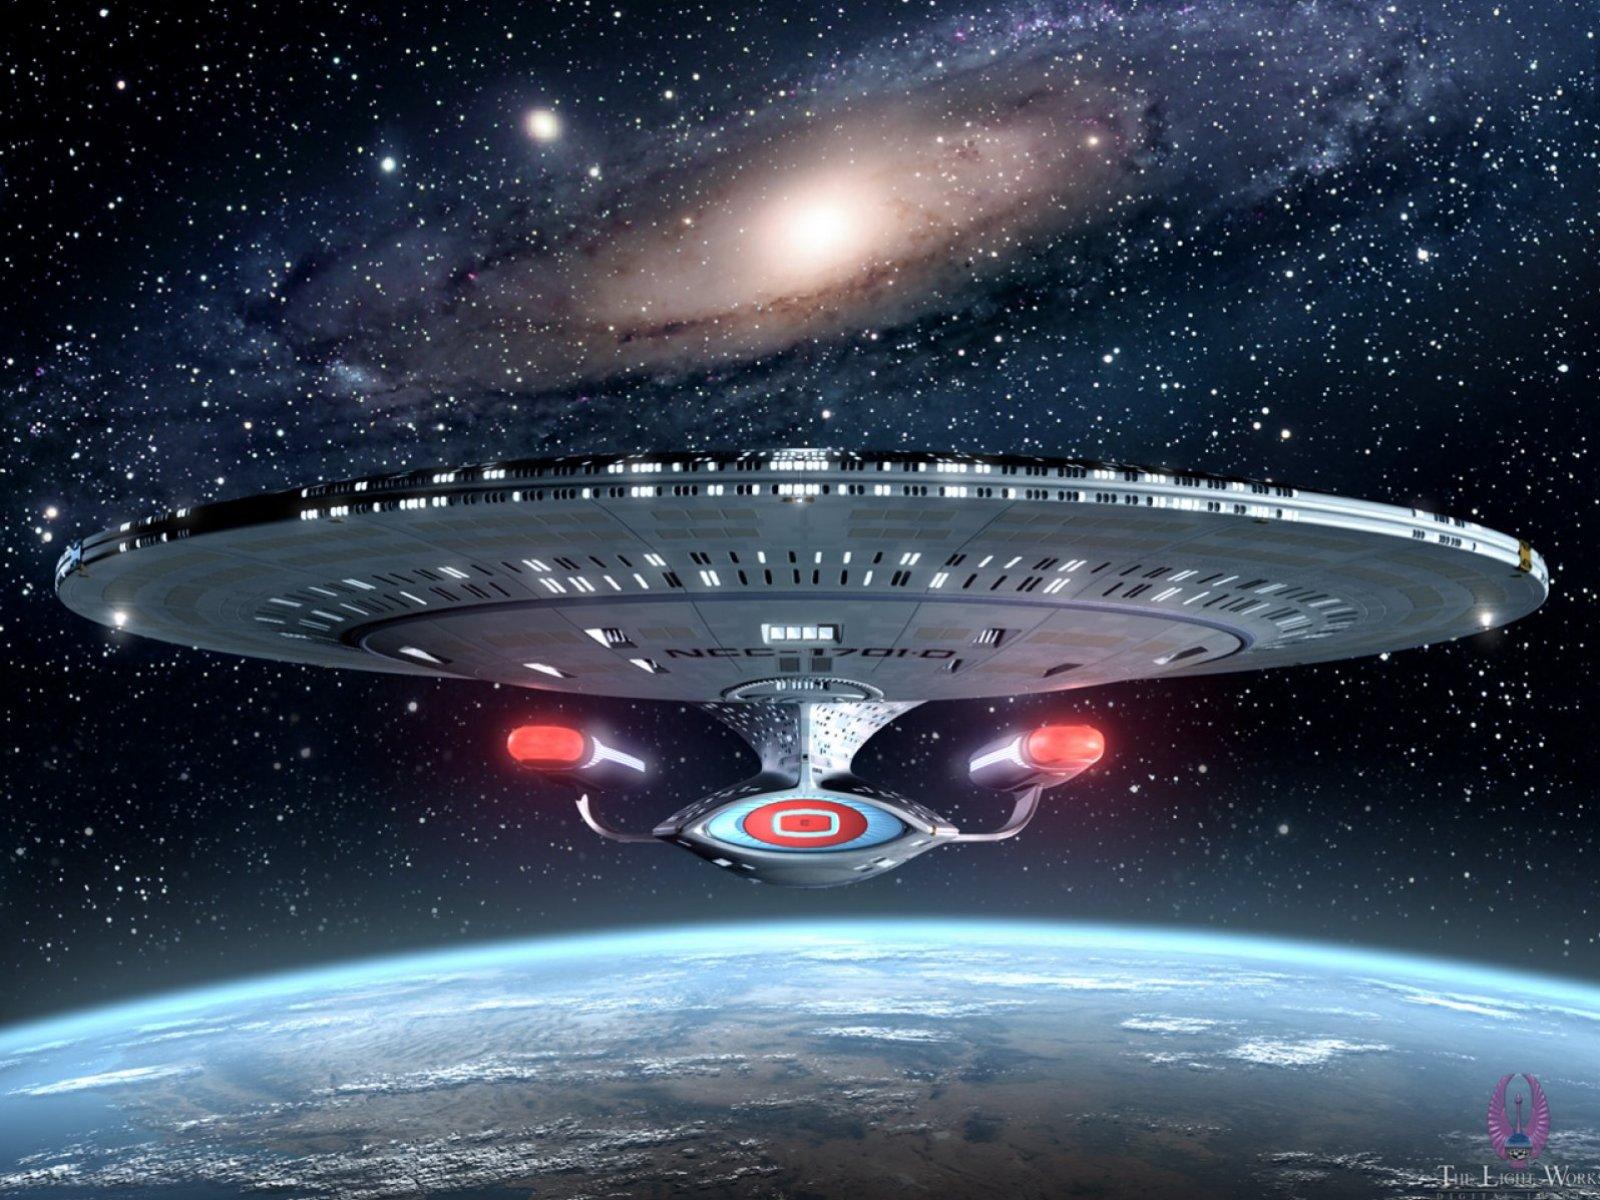 21+] Starship Enterprise Wallpapers on WallpaperSafari